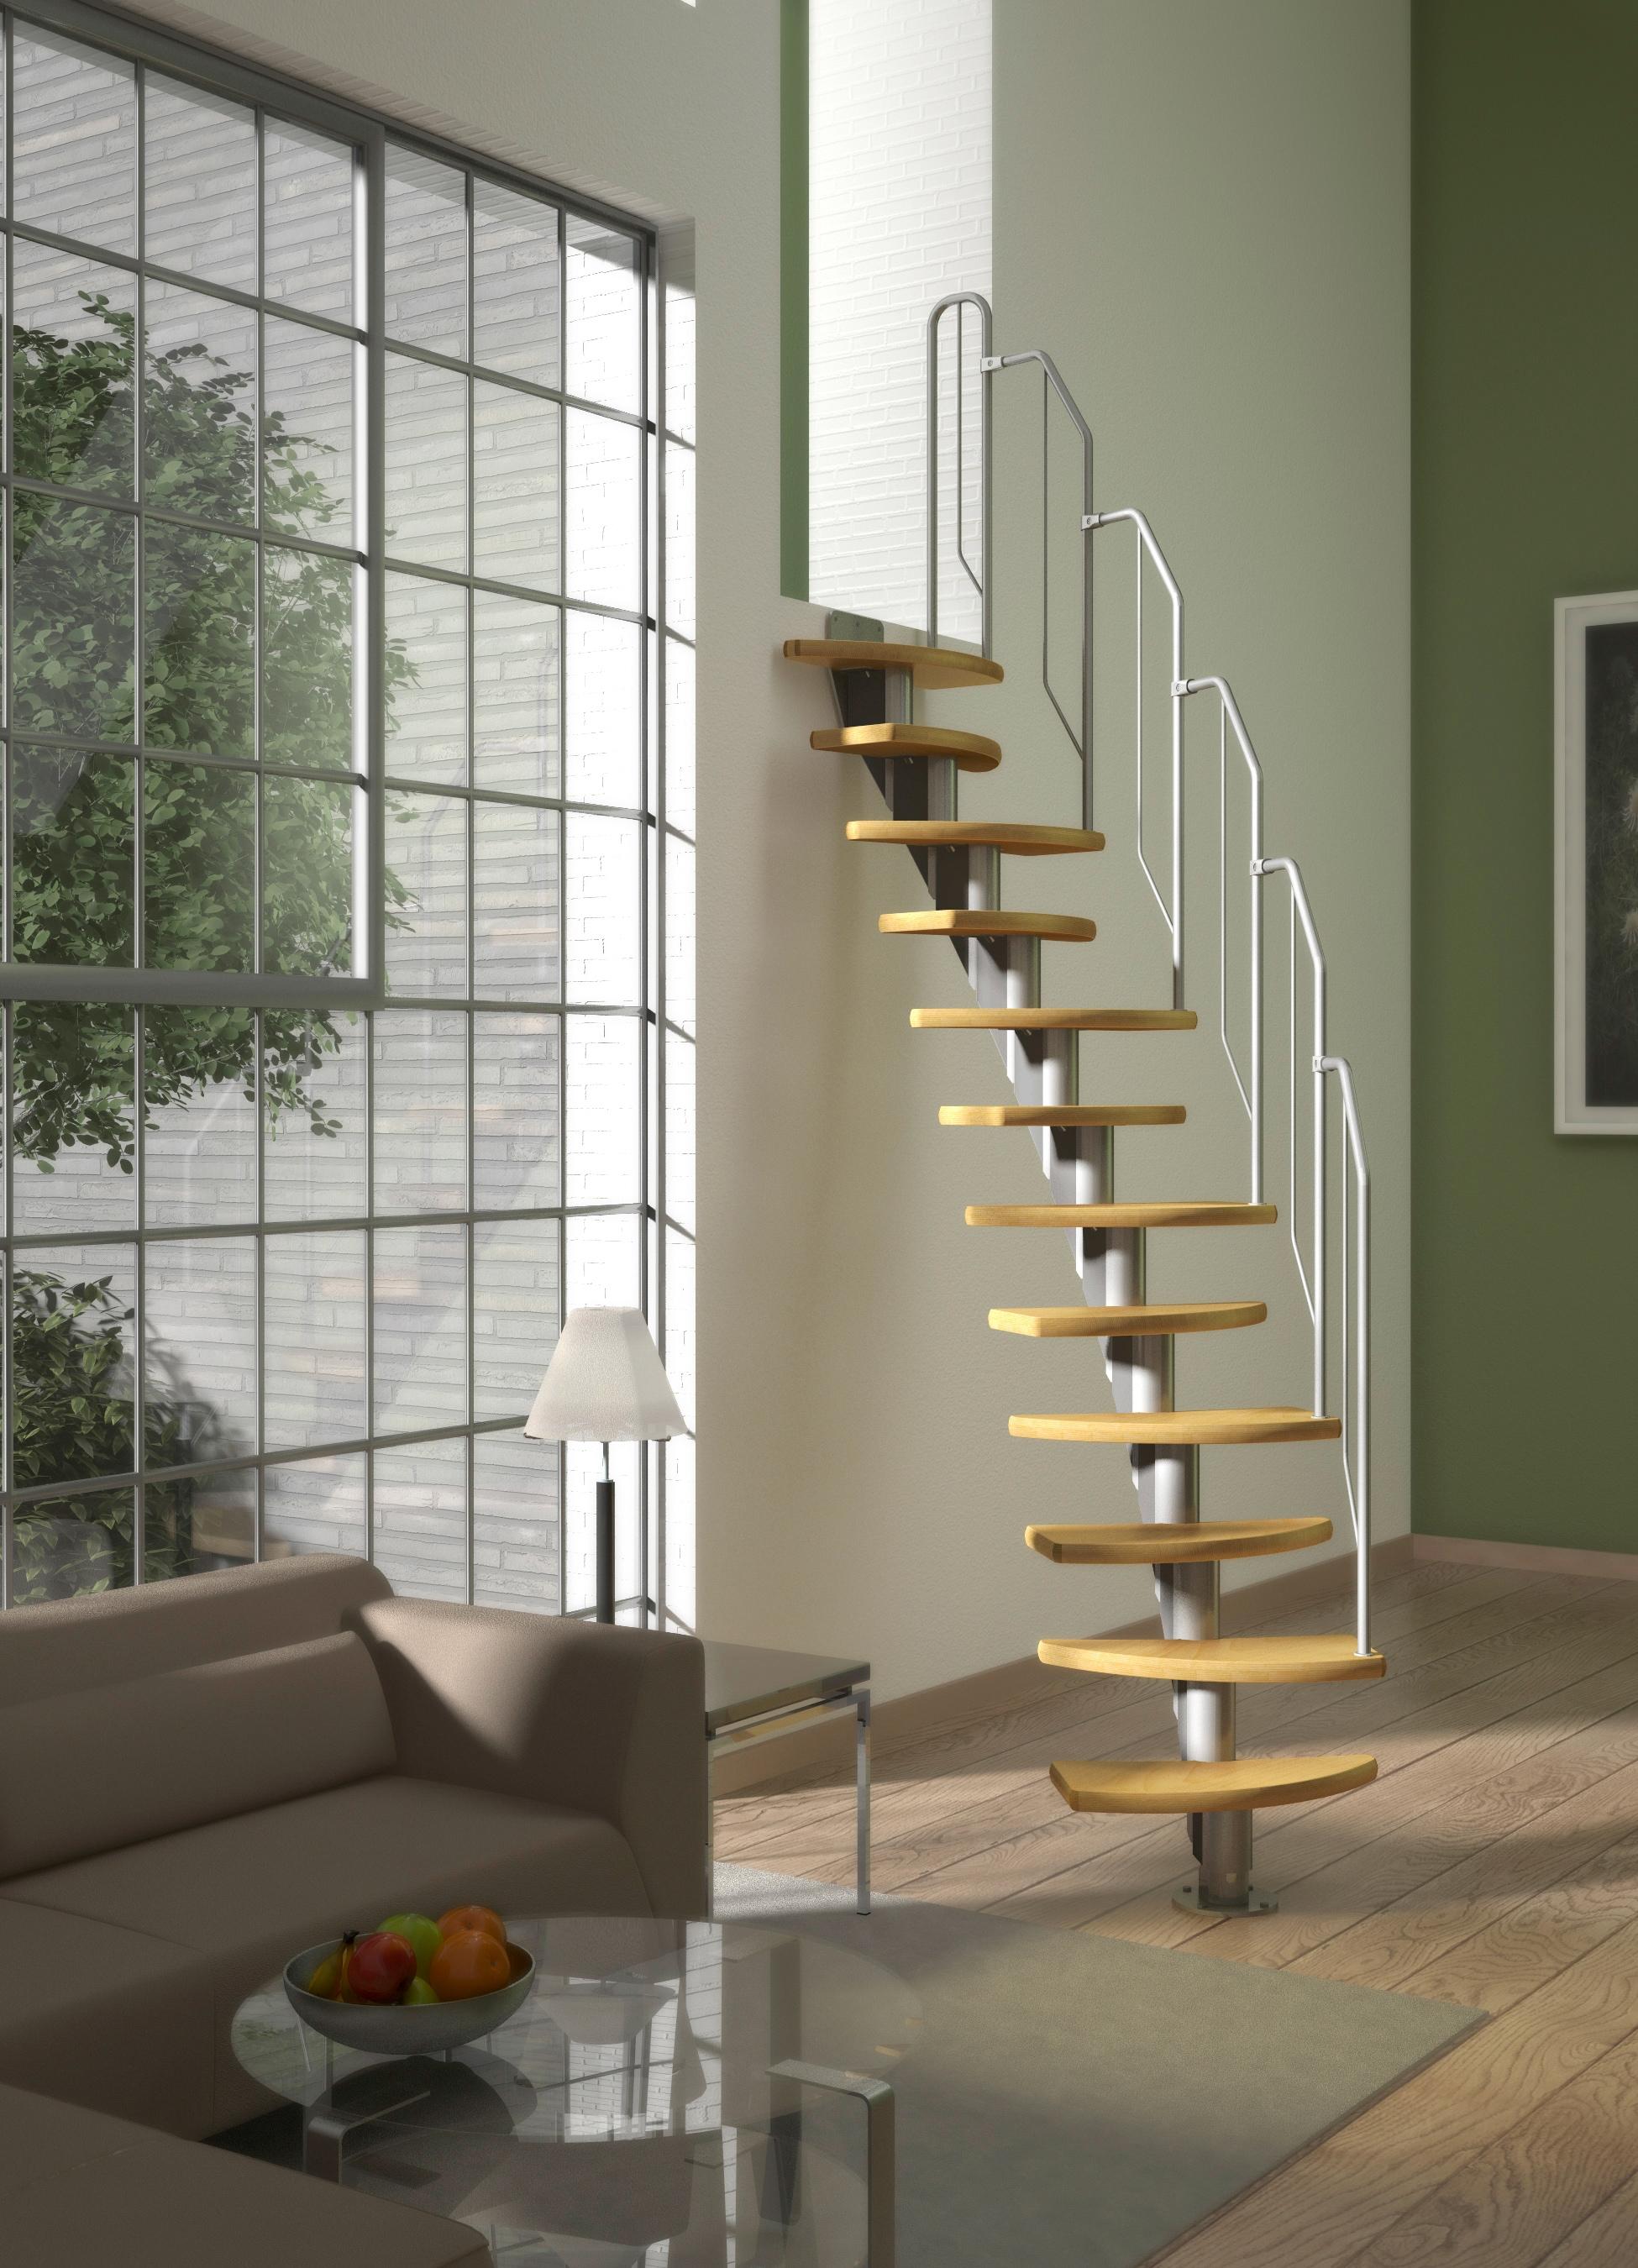 DOLLE Systemtreppe »Berlin«, Metallgeländer und -handlauf, Birke, BxH: 64x247 cm   Baumarkt > Leitern und Treppen > Treppen   DOLLE